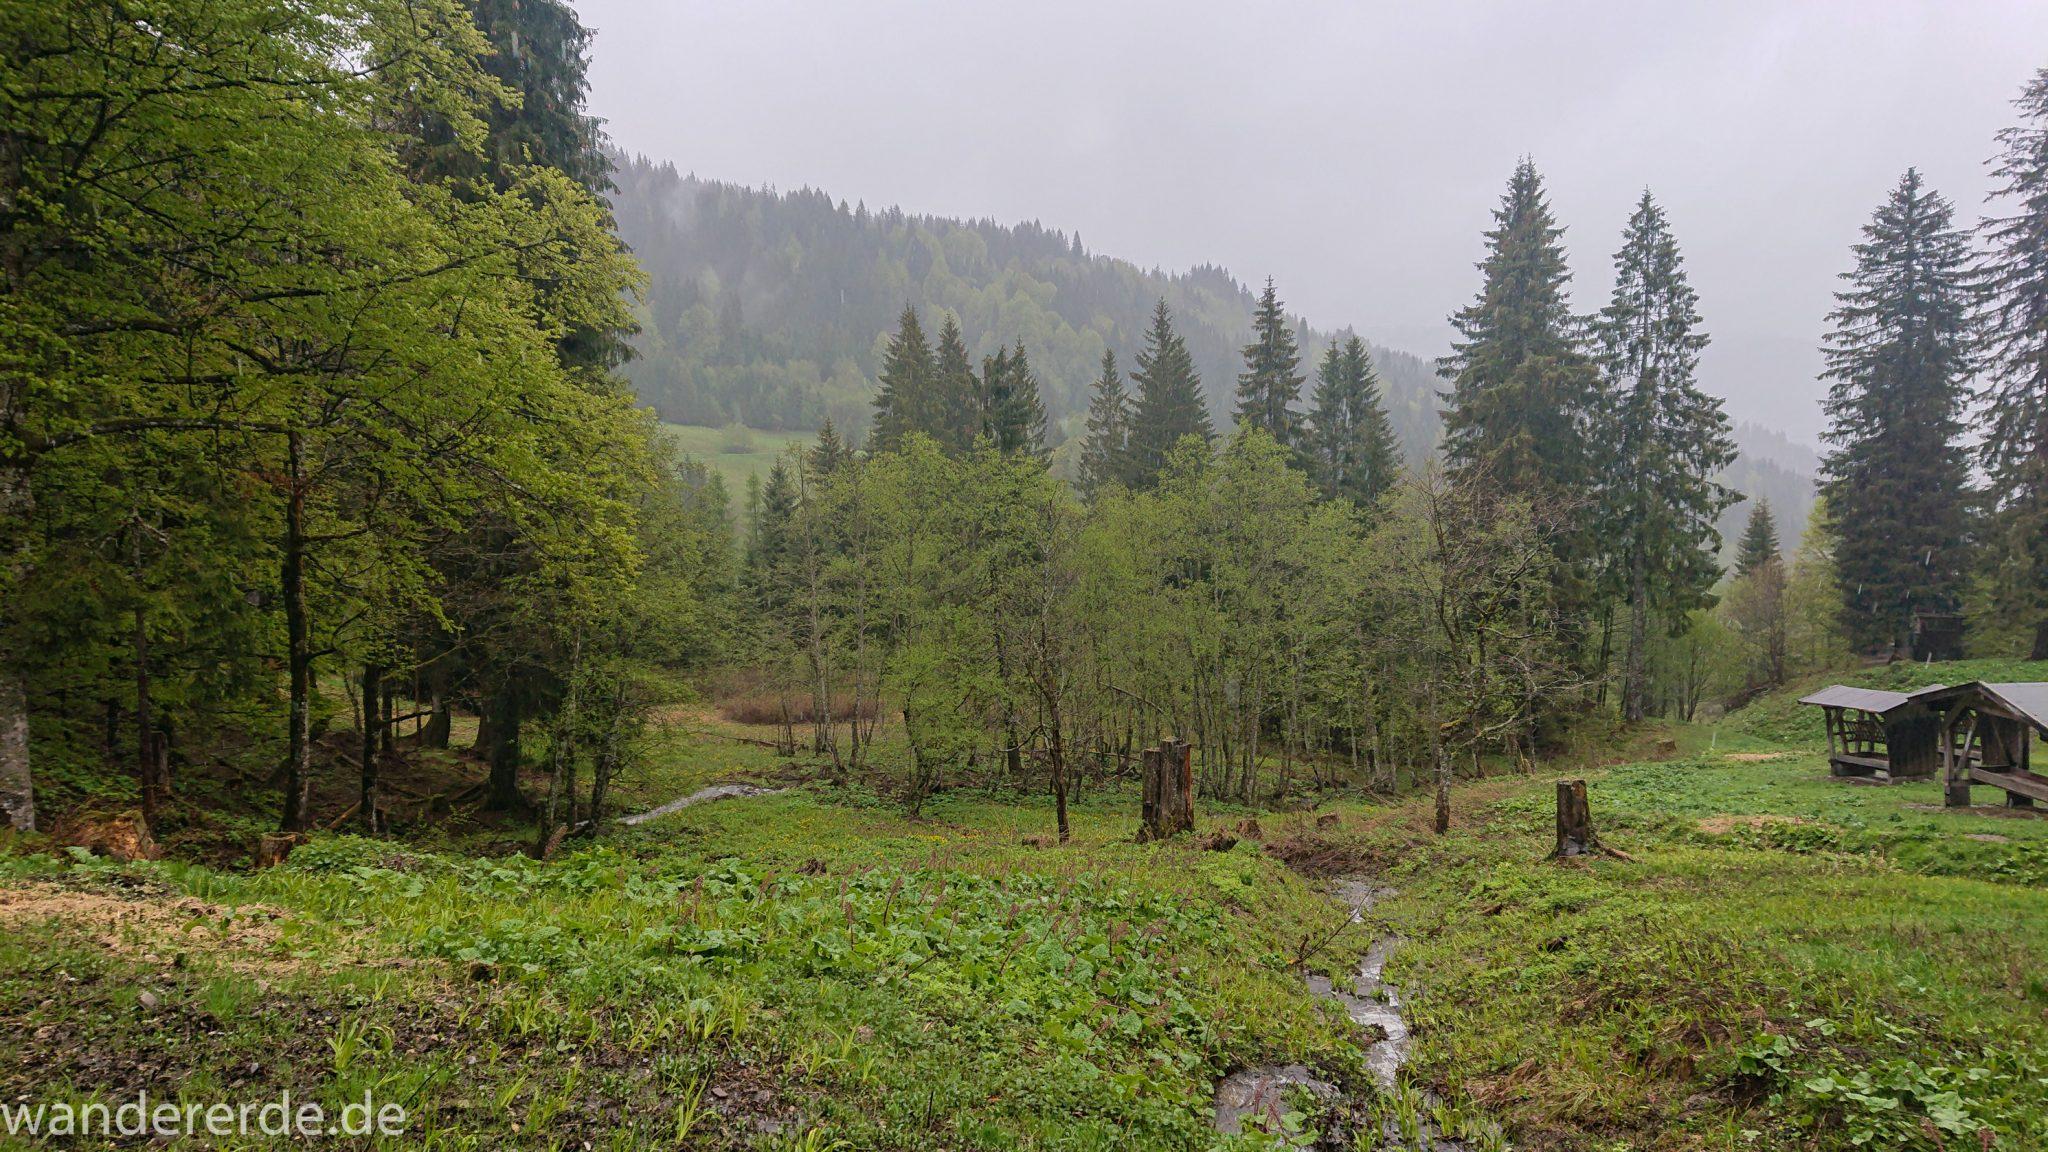 Wandern Gunzesrieder Ostertal im Allgäu, Baden-Württemberg, Obere Älple, viel Regen, dunkle Wolken, saftig grüne Wiesen und schöner Wald, Bach füllt sich durch viel Regen